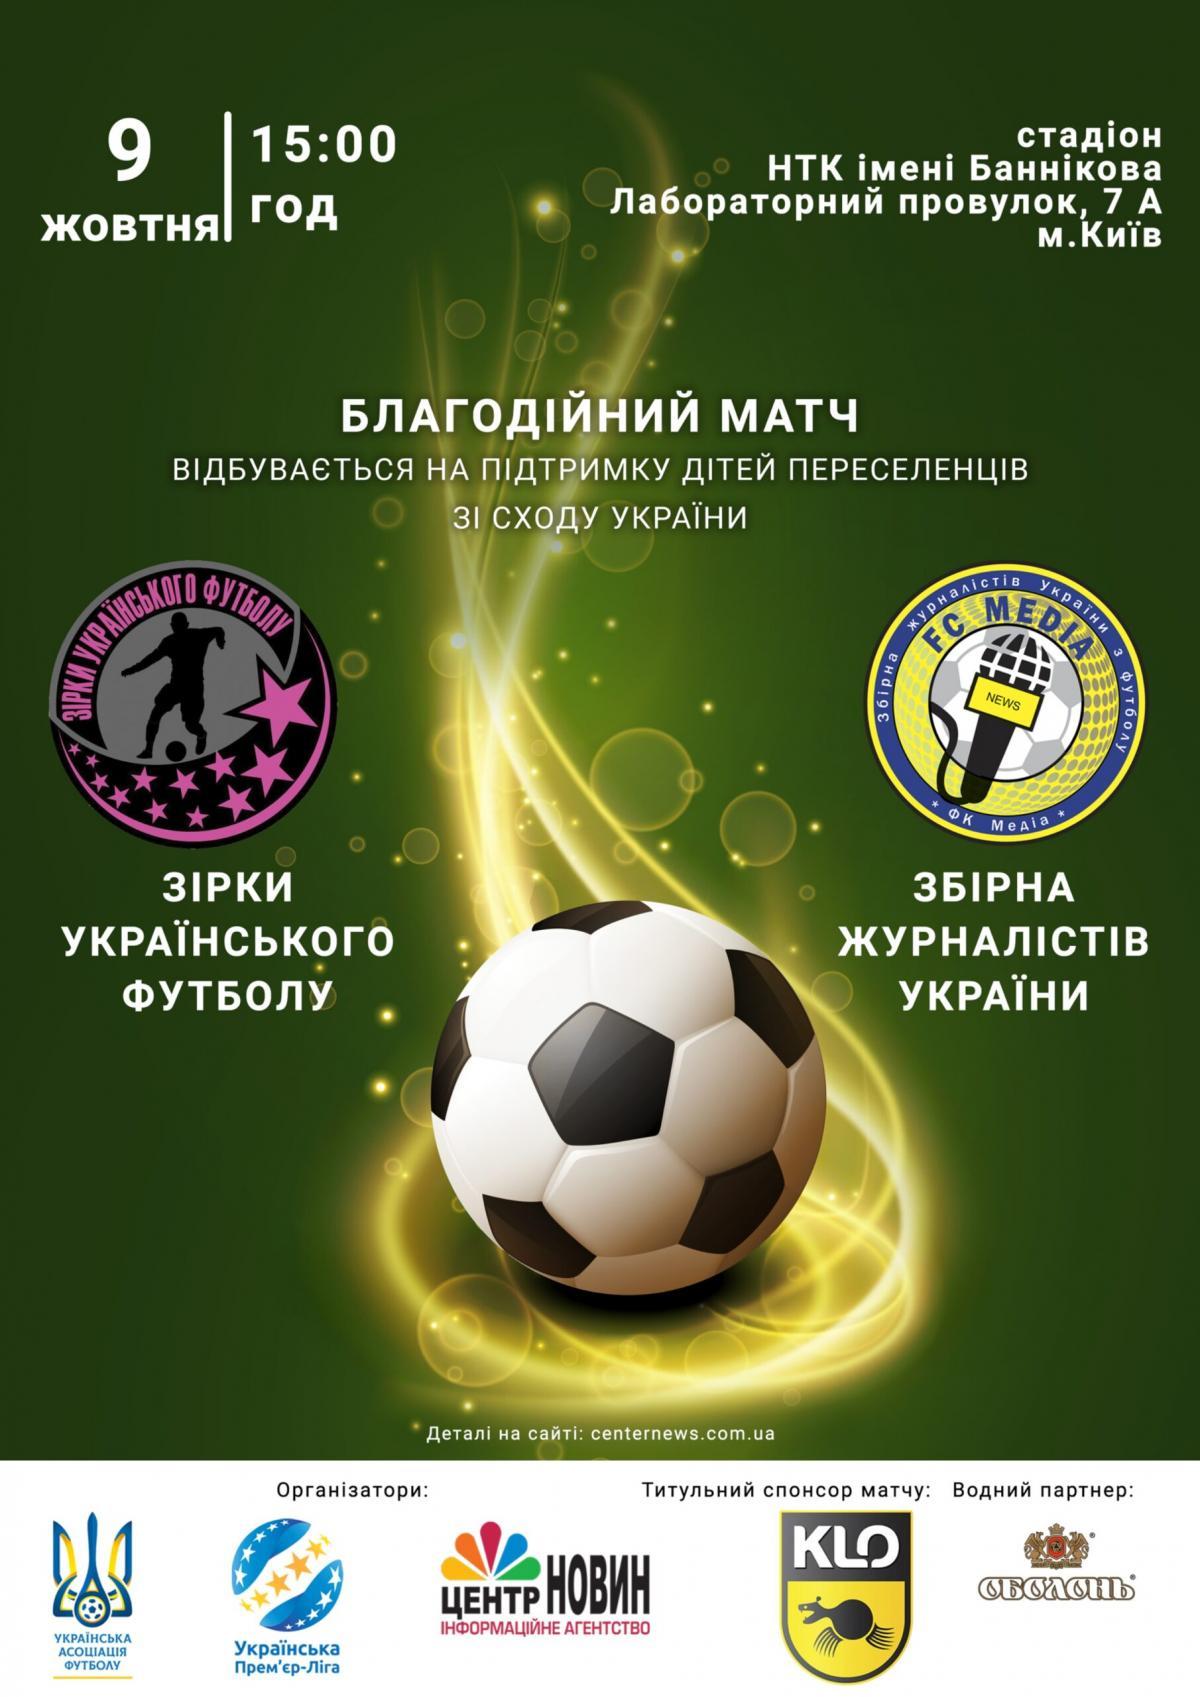 centernews.com.ua